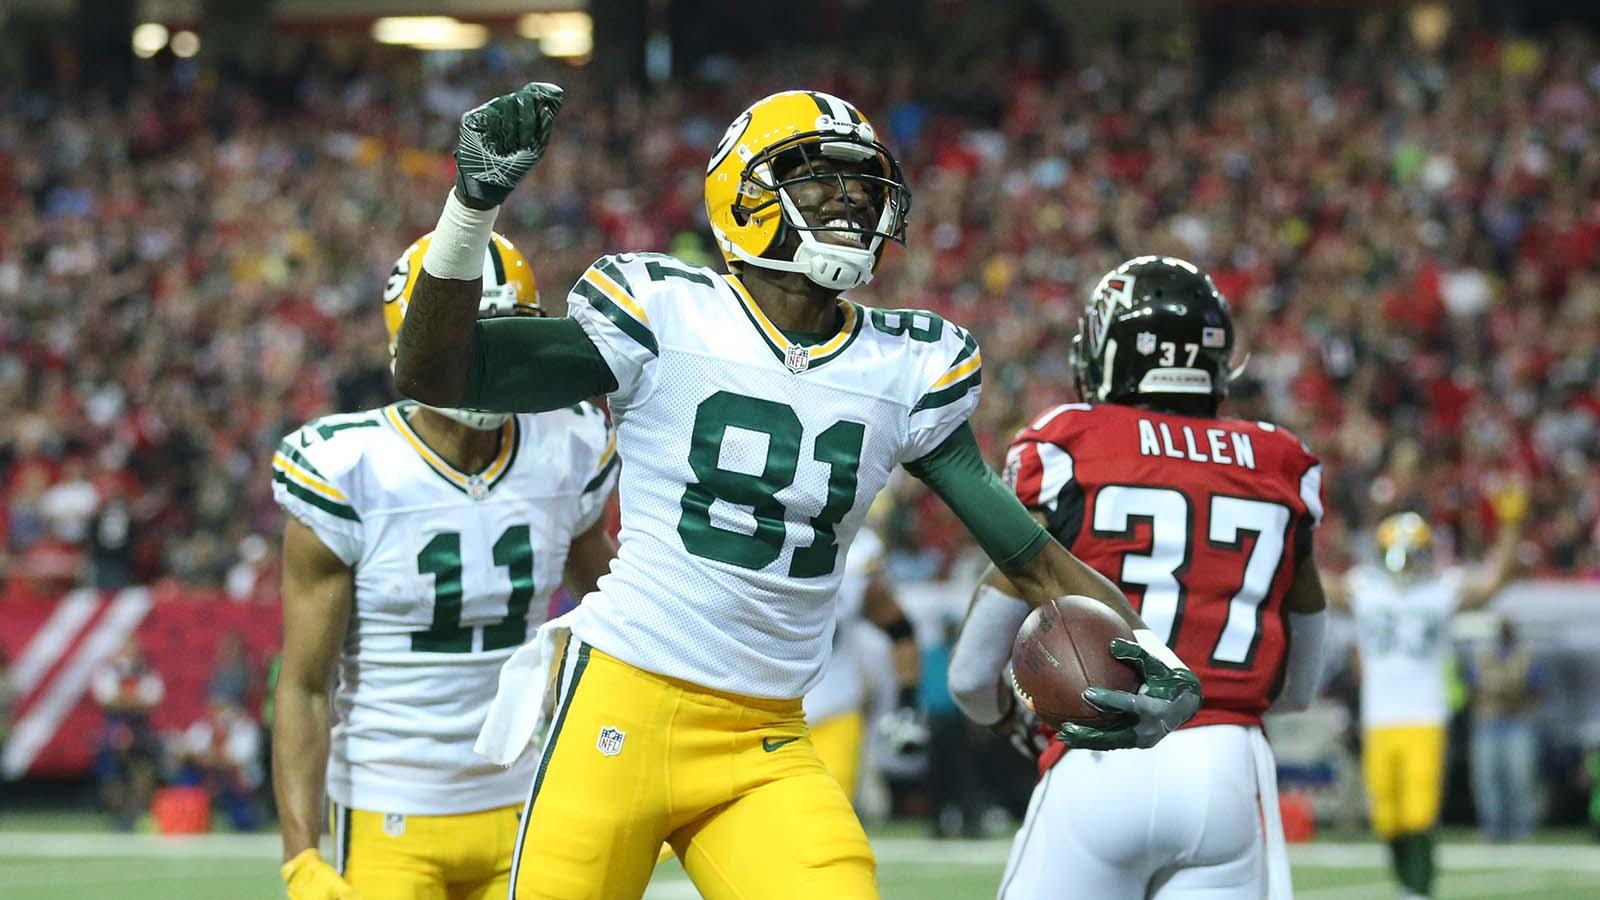 Packers snap counts: Allison, Davis, Janis get big opportunities